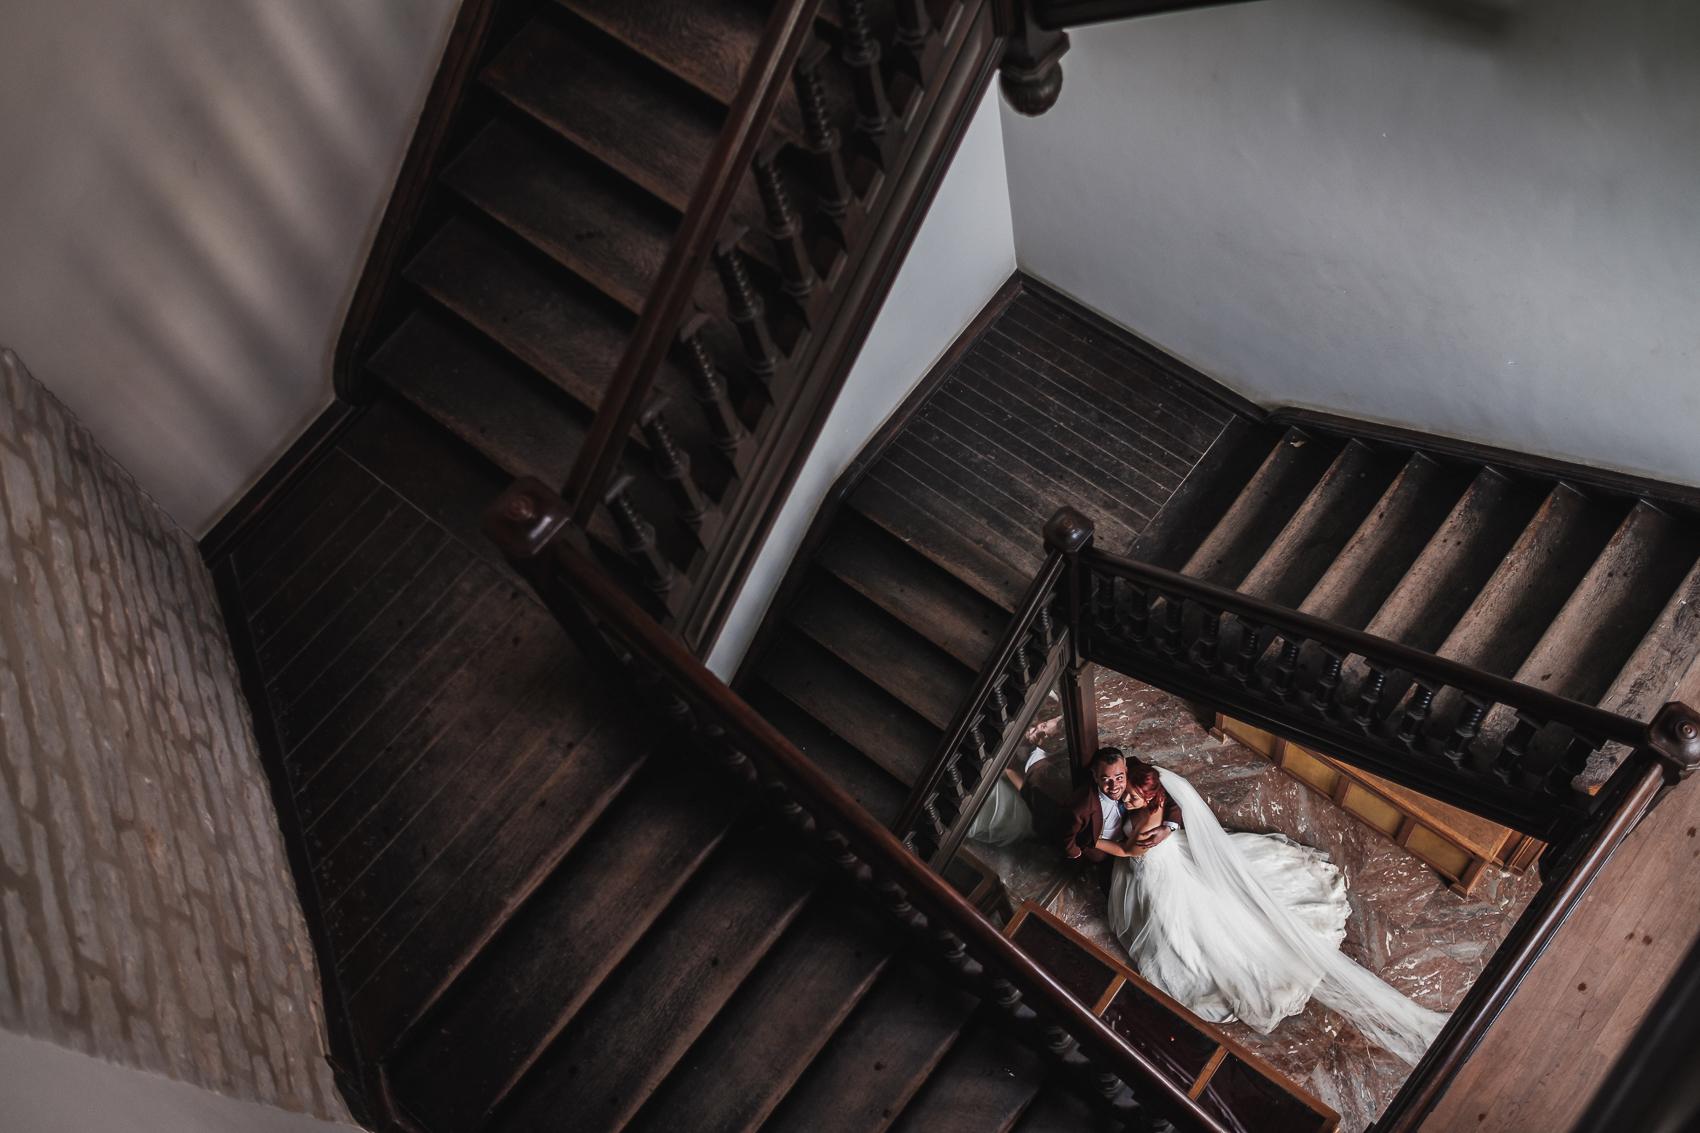 iso800 - huwelijksfotograaf katrien bart park west antwerpen-28.jpg